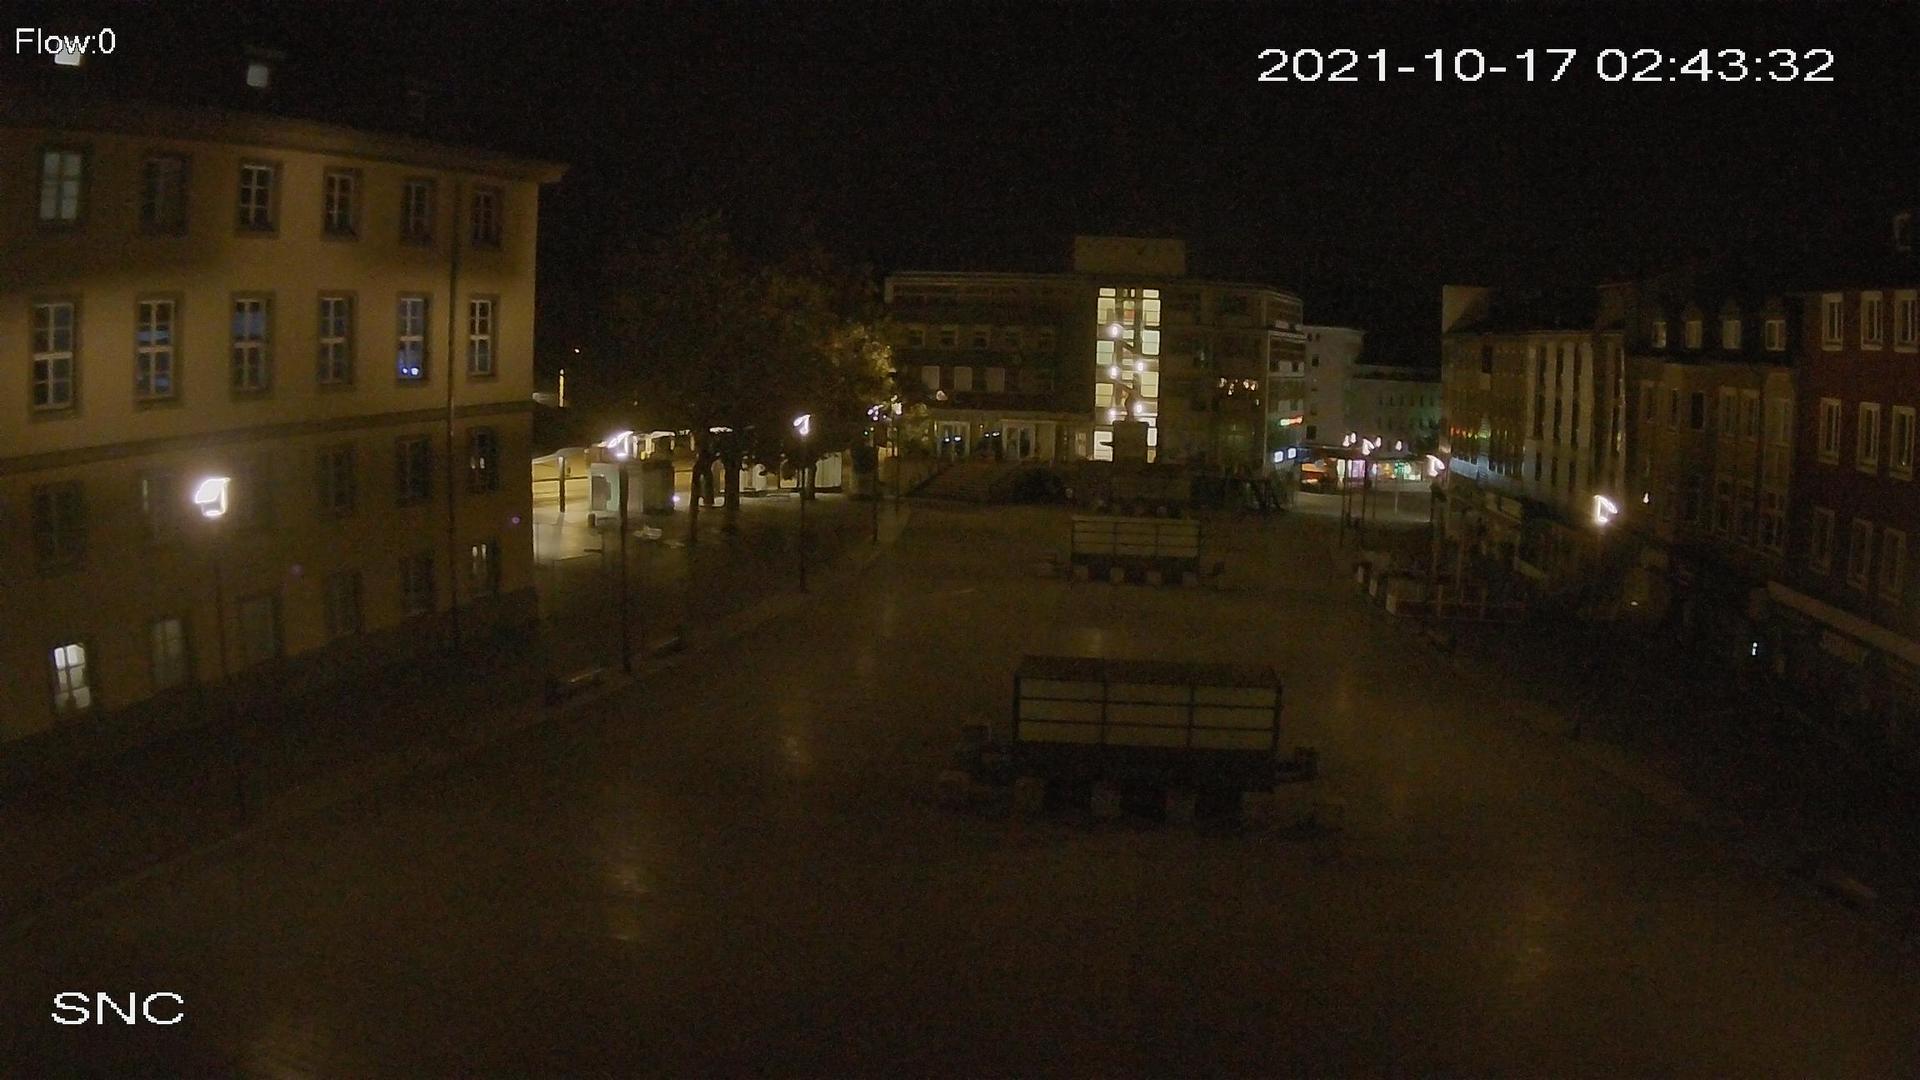 Webkamera Sonnenschein: Witten − Rathausplatz